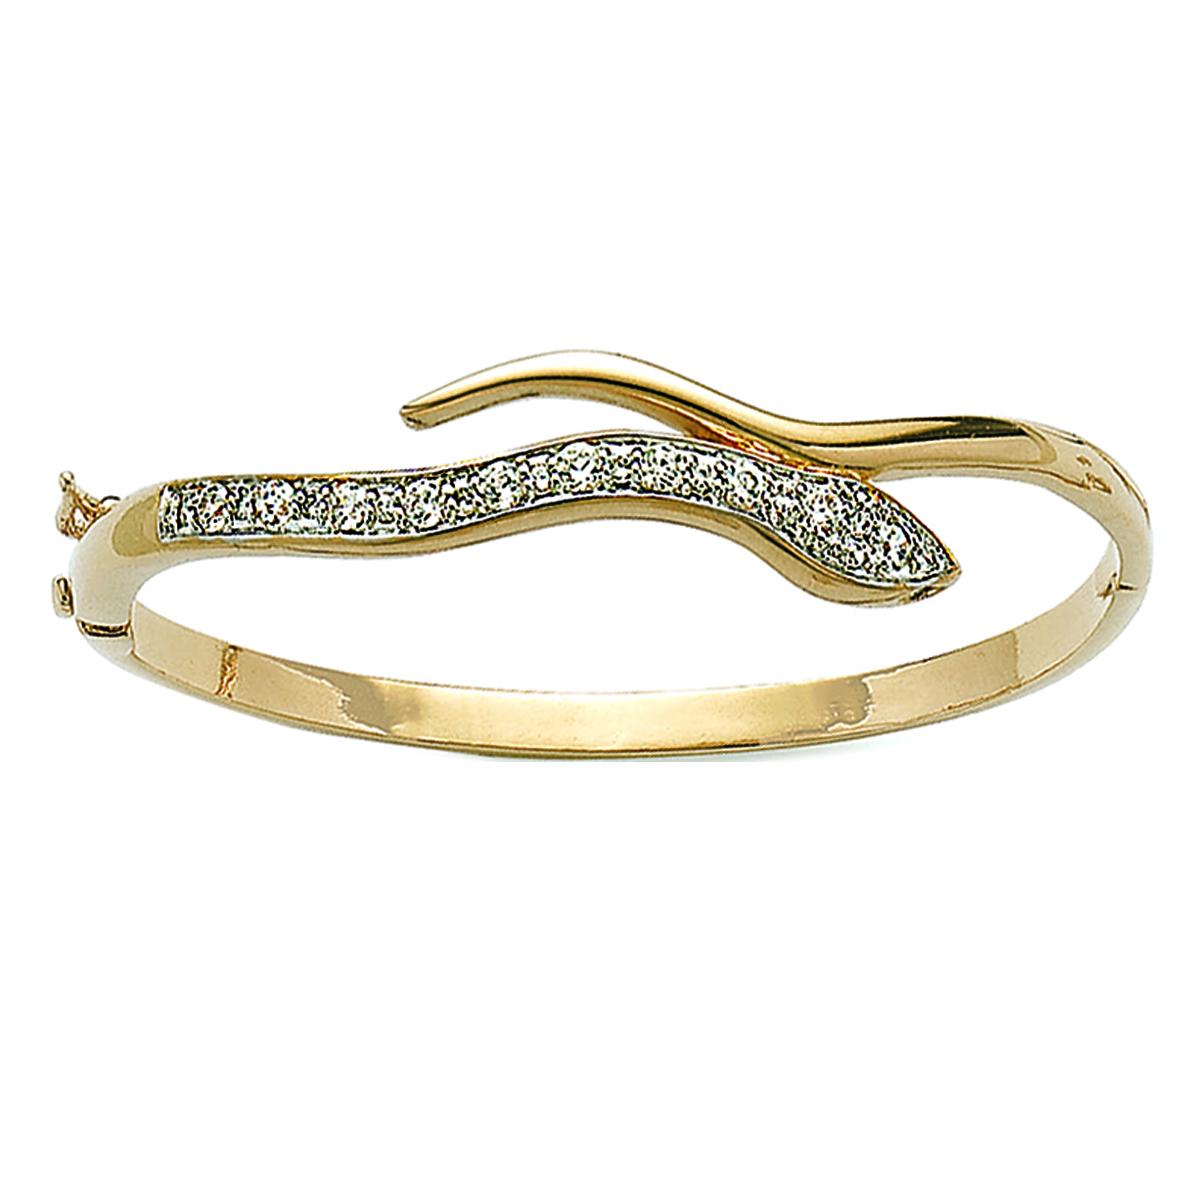 Bracelet Plaqué Or \'Tentation\' Blanc doré - 62 mm 10 mm - [D6749]